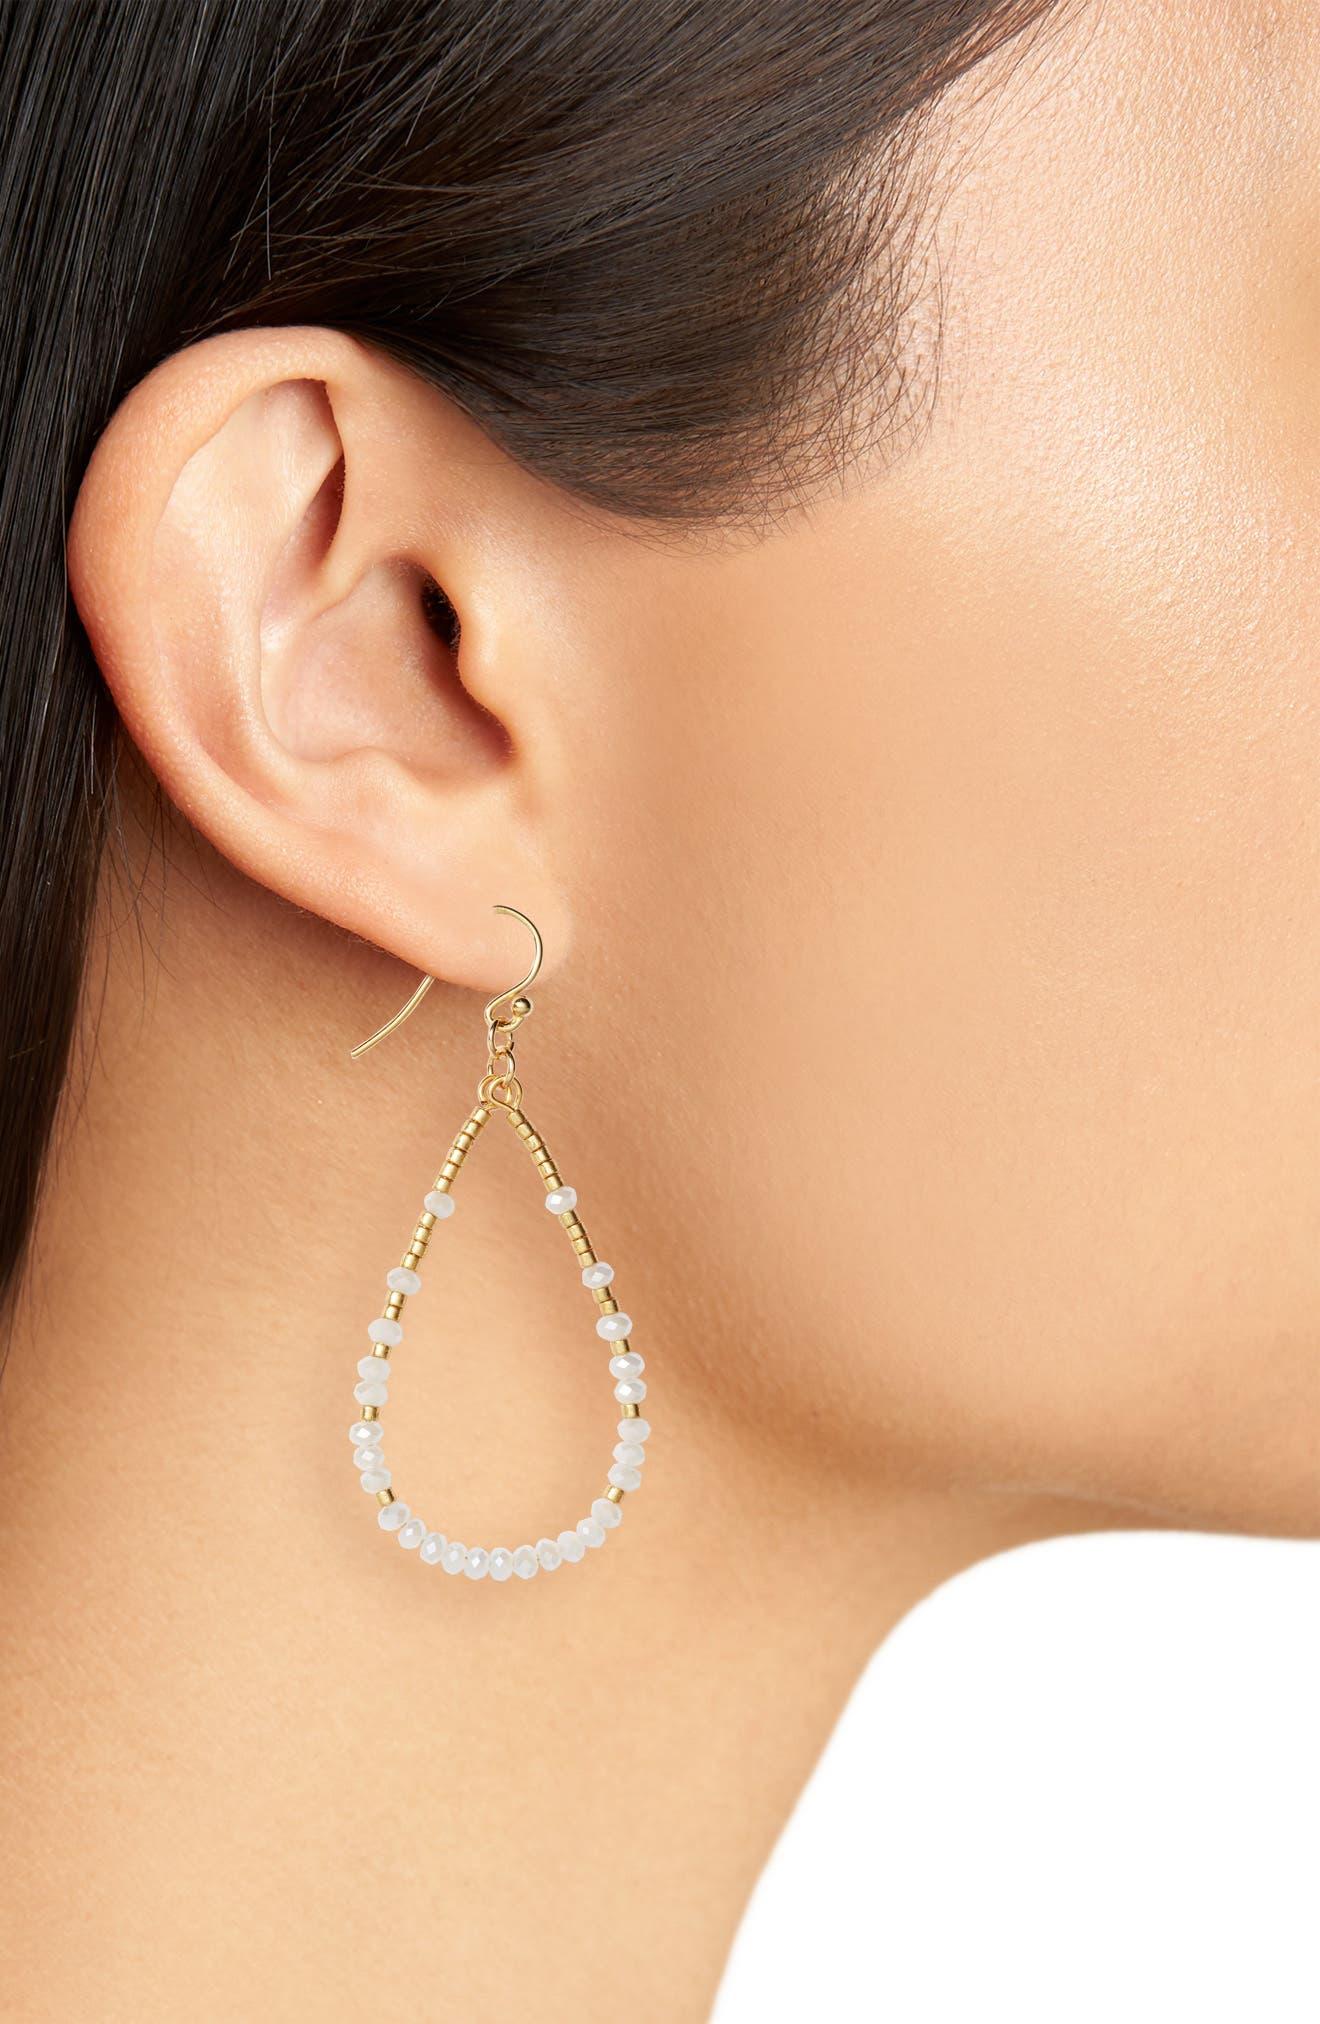 Crystal Hoop Earrings,                             Alternate thumbnail 2, color,                             100